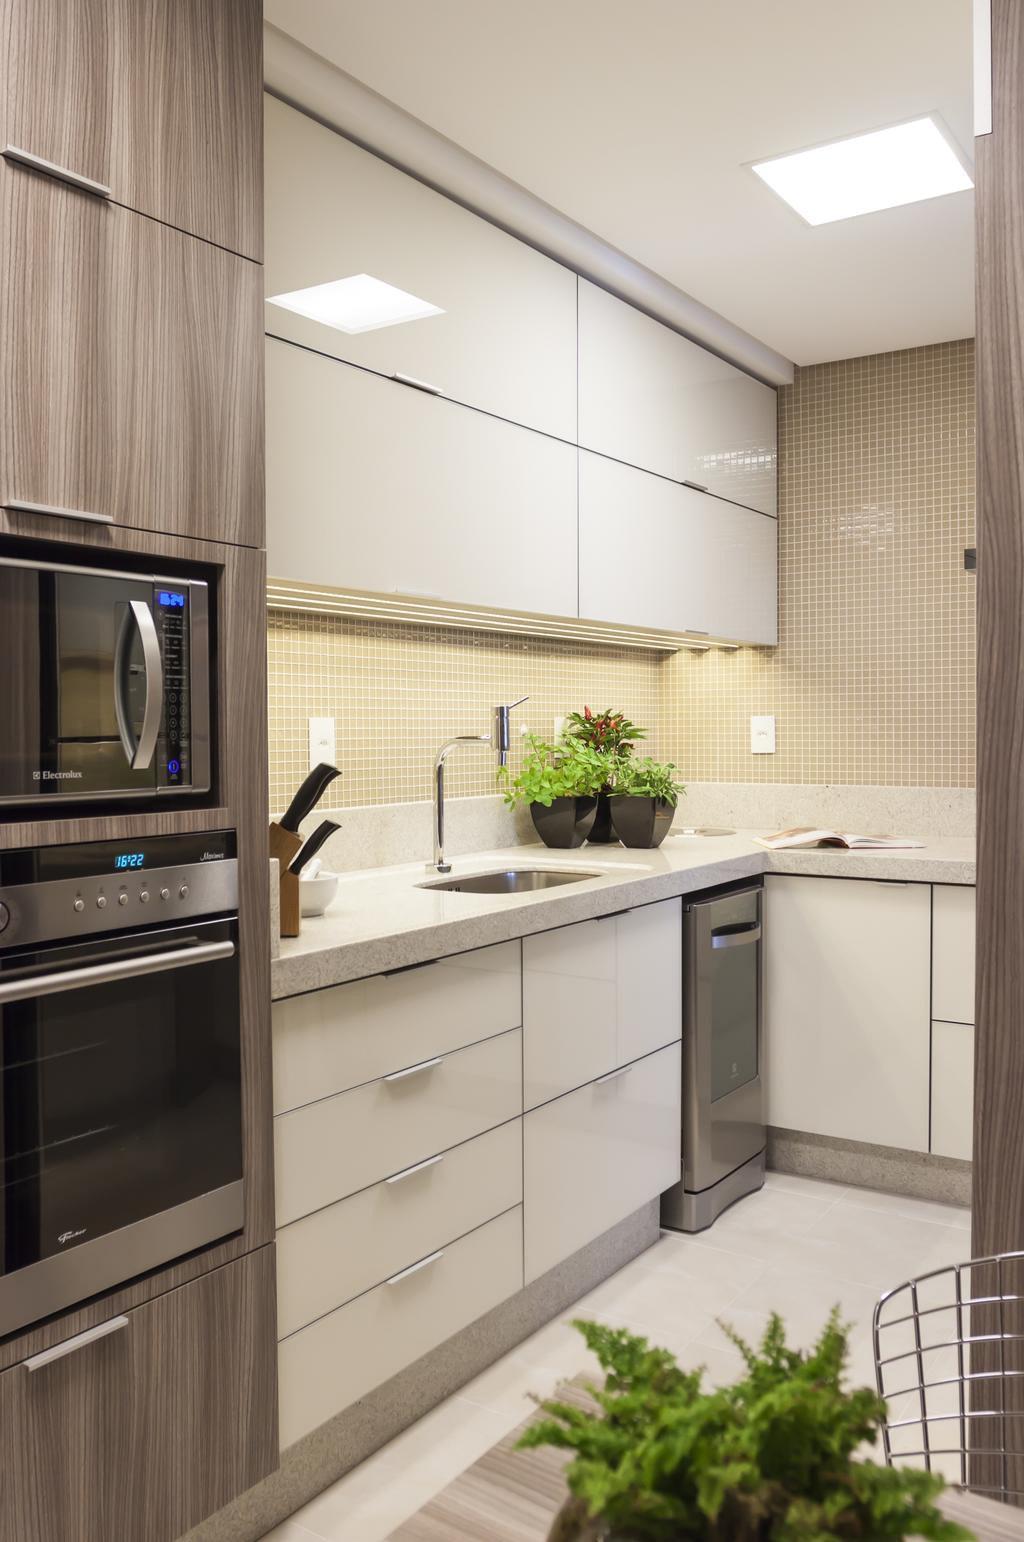 Cozinhas De Apartamento Modernas Cozinha Sob Medida Modernas Terra